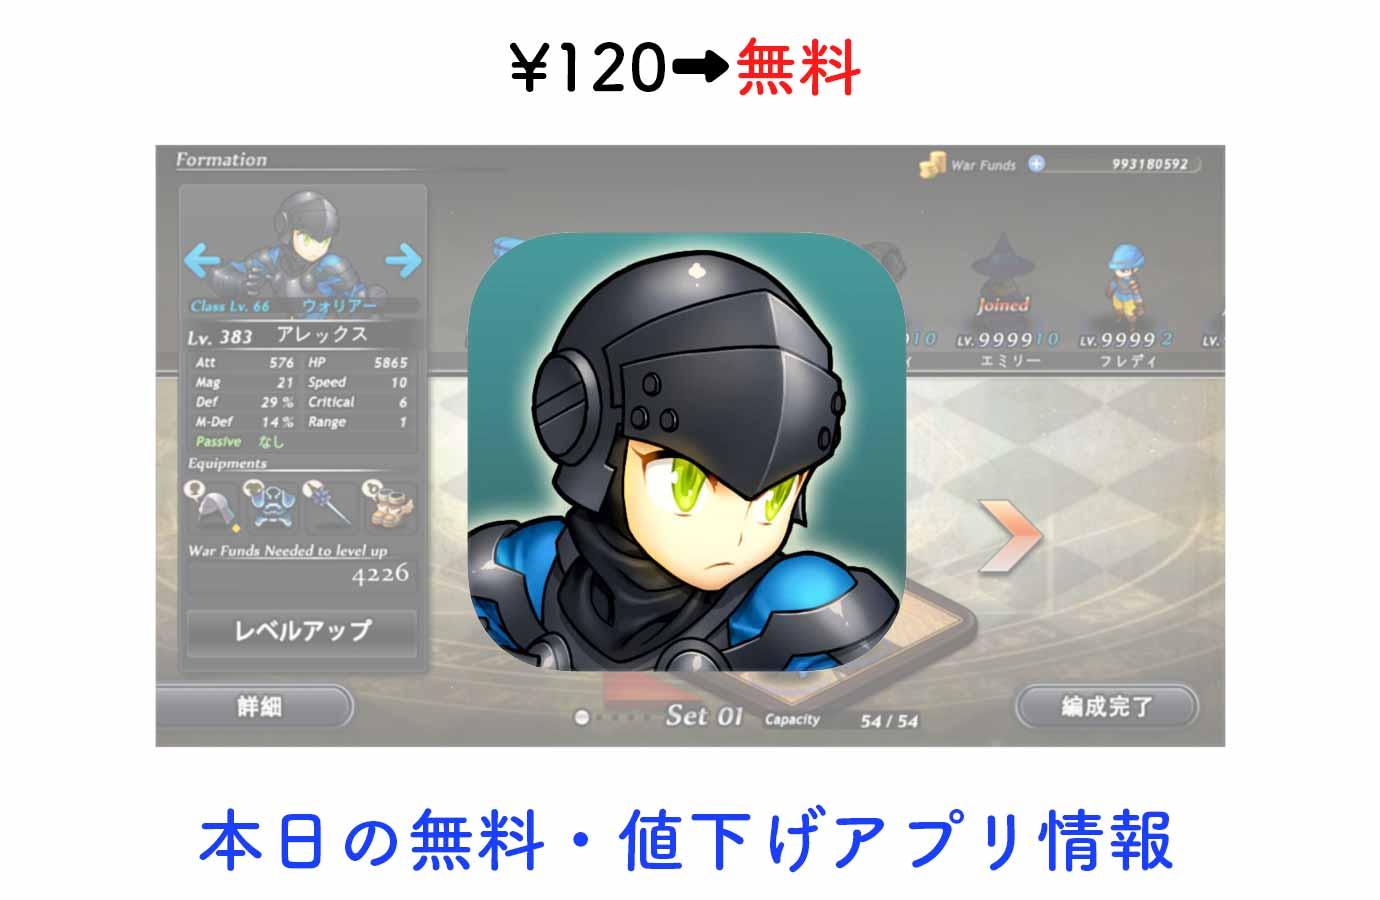 ¥120→無料、バトルシミュレーションRPG「ミステリーオブフォーチュン2」など【7/23】本日の無料・値下げアプリ情報